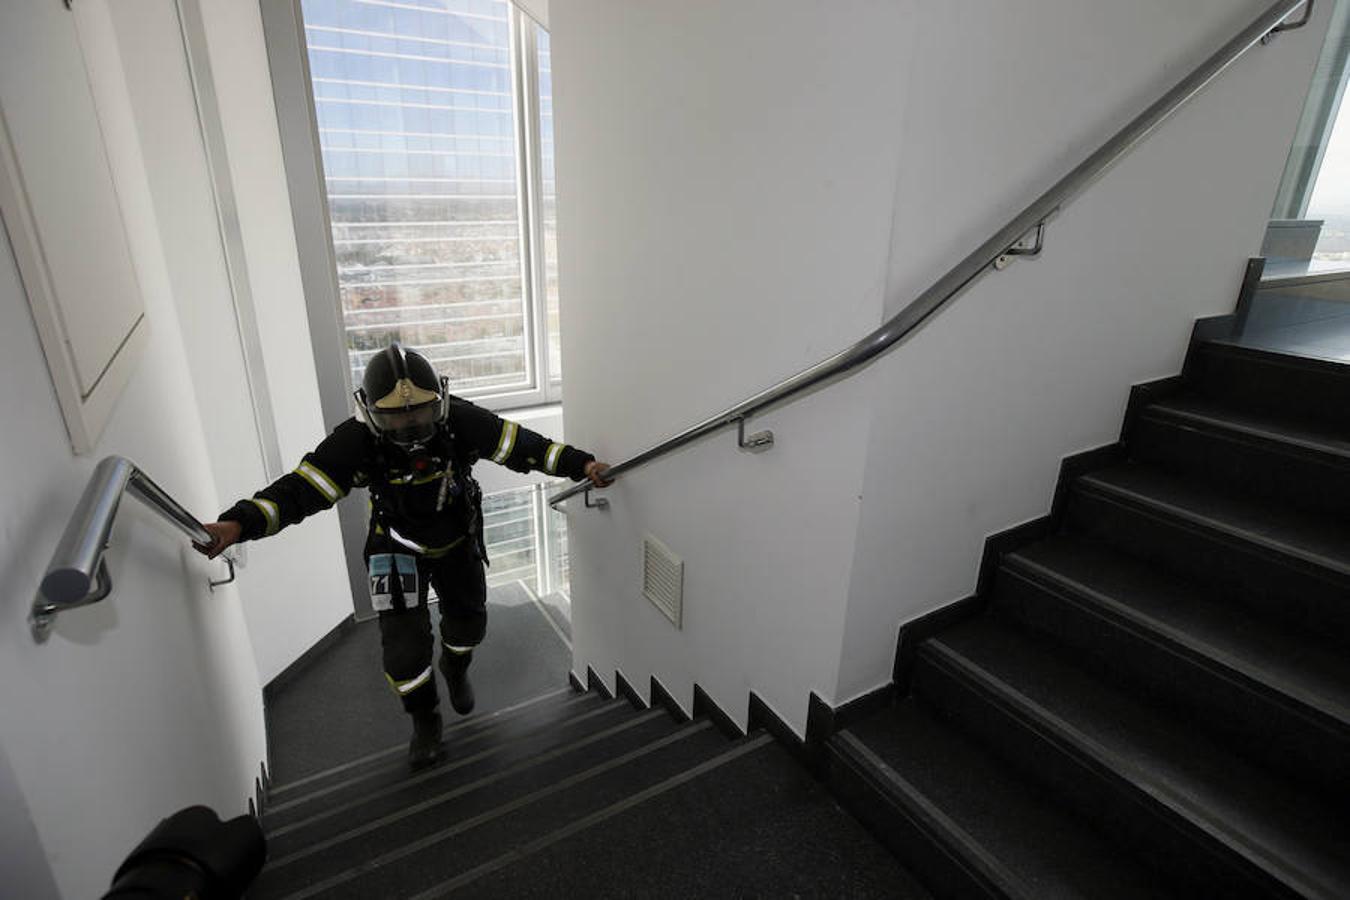 Los bomberos han subido cientos de peldaños en unos minutos